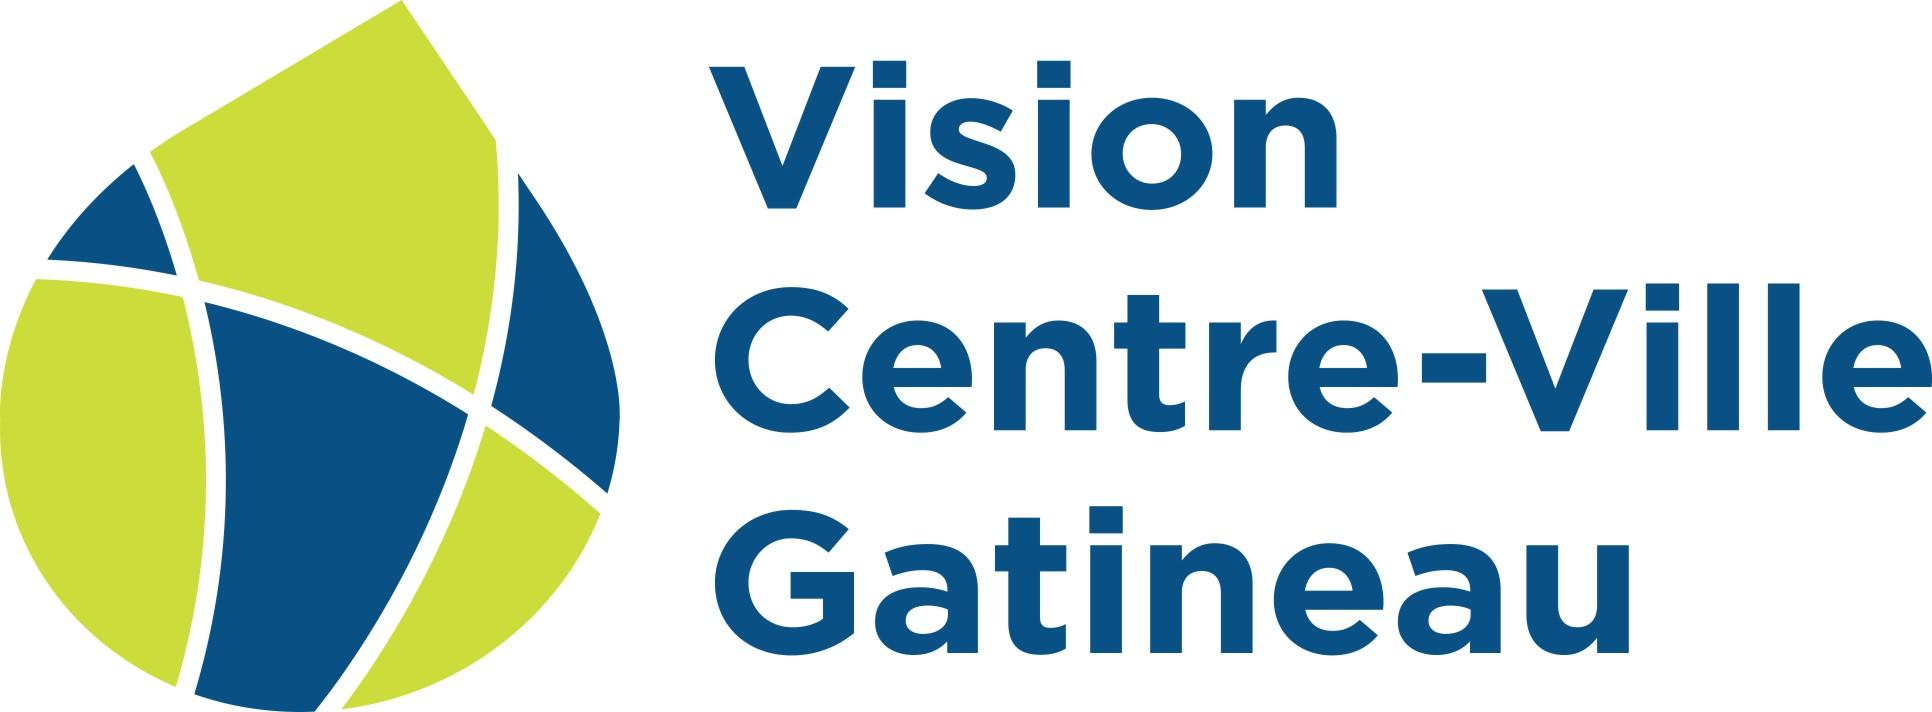 Vision Centre-Ville